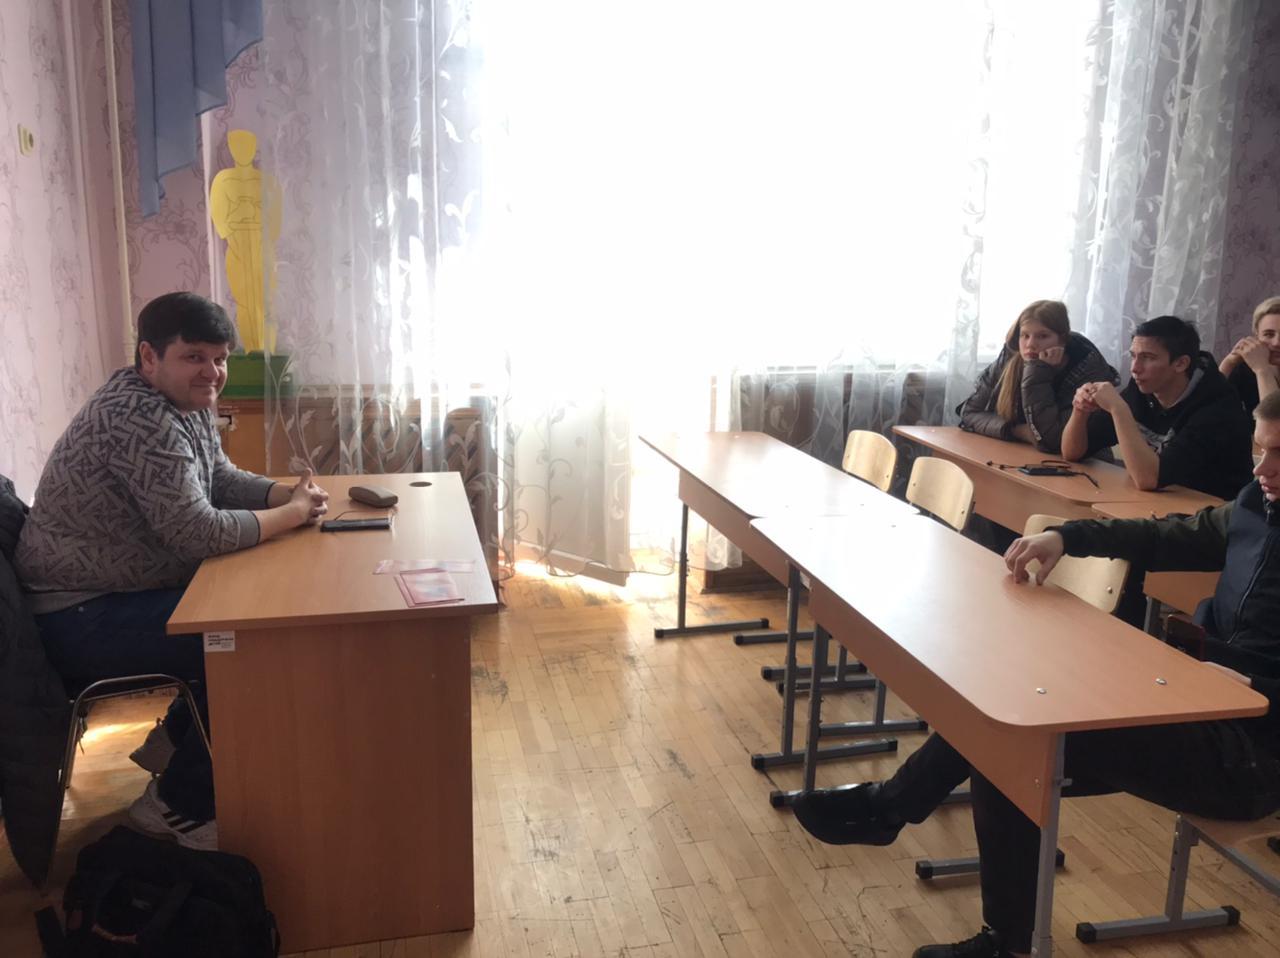 Семинар в п. Северный Белгородского района для детей-сирот, учащихся ГБУ «Центр подготовки и постинтернатного сопровождения выпускников» «Расправь крылья»